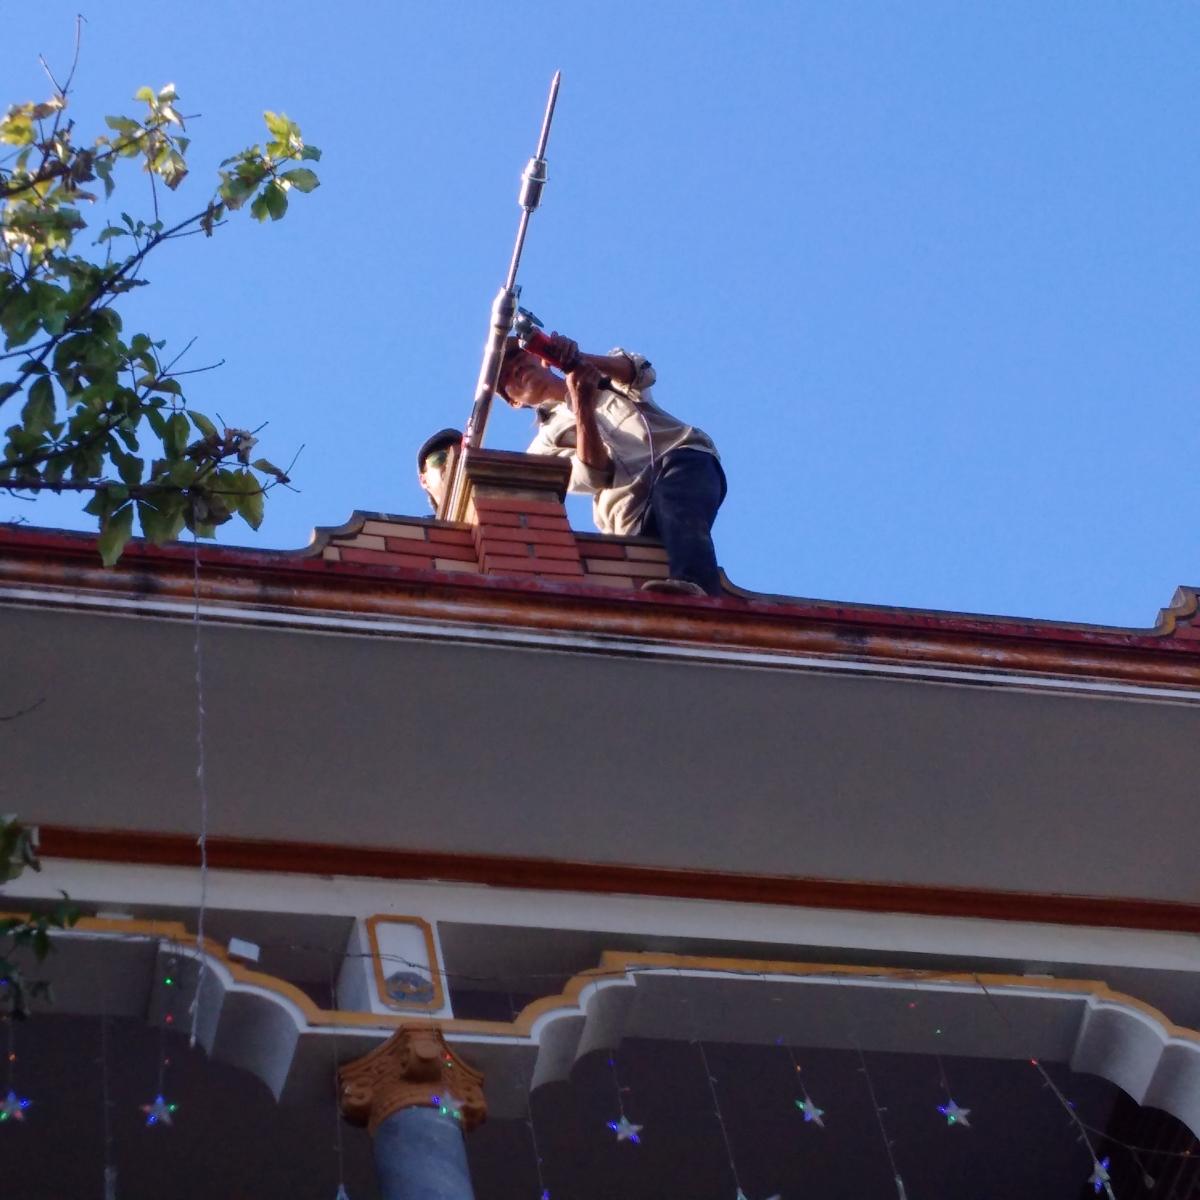 Thi công lắp đặt hệ thống chông sét ở Hải Phong